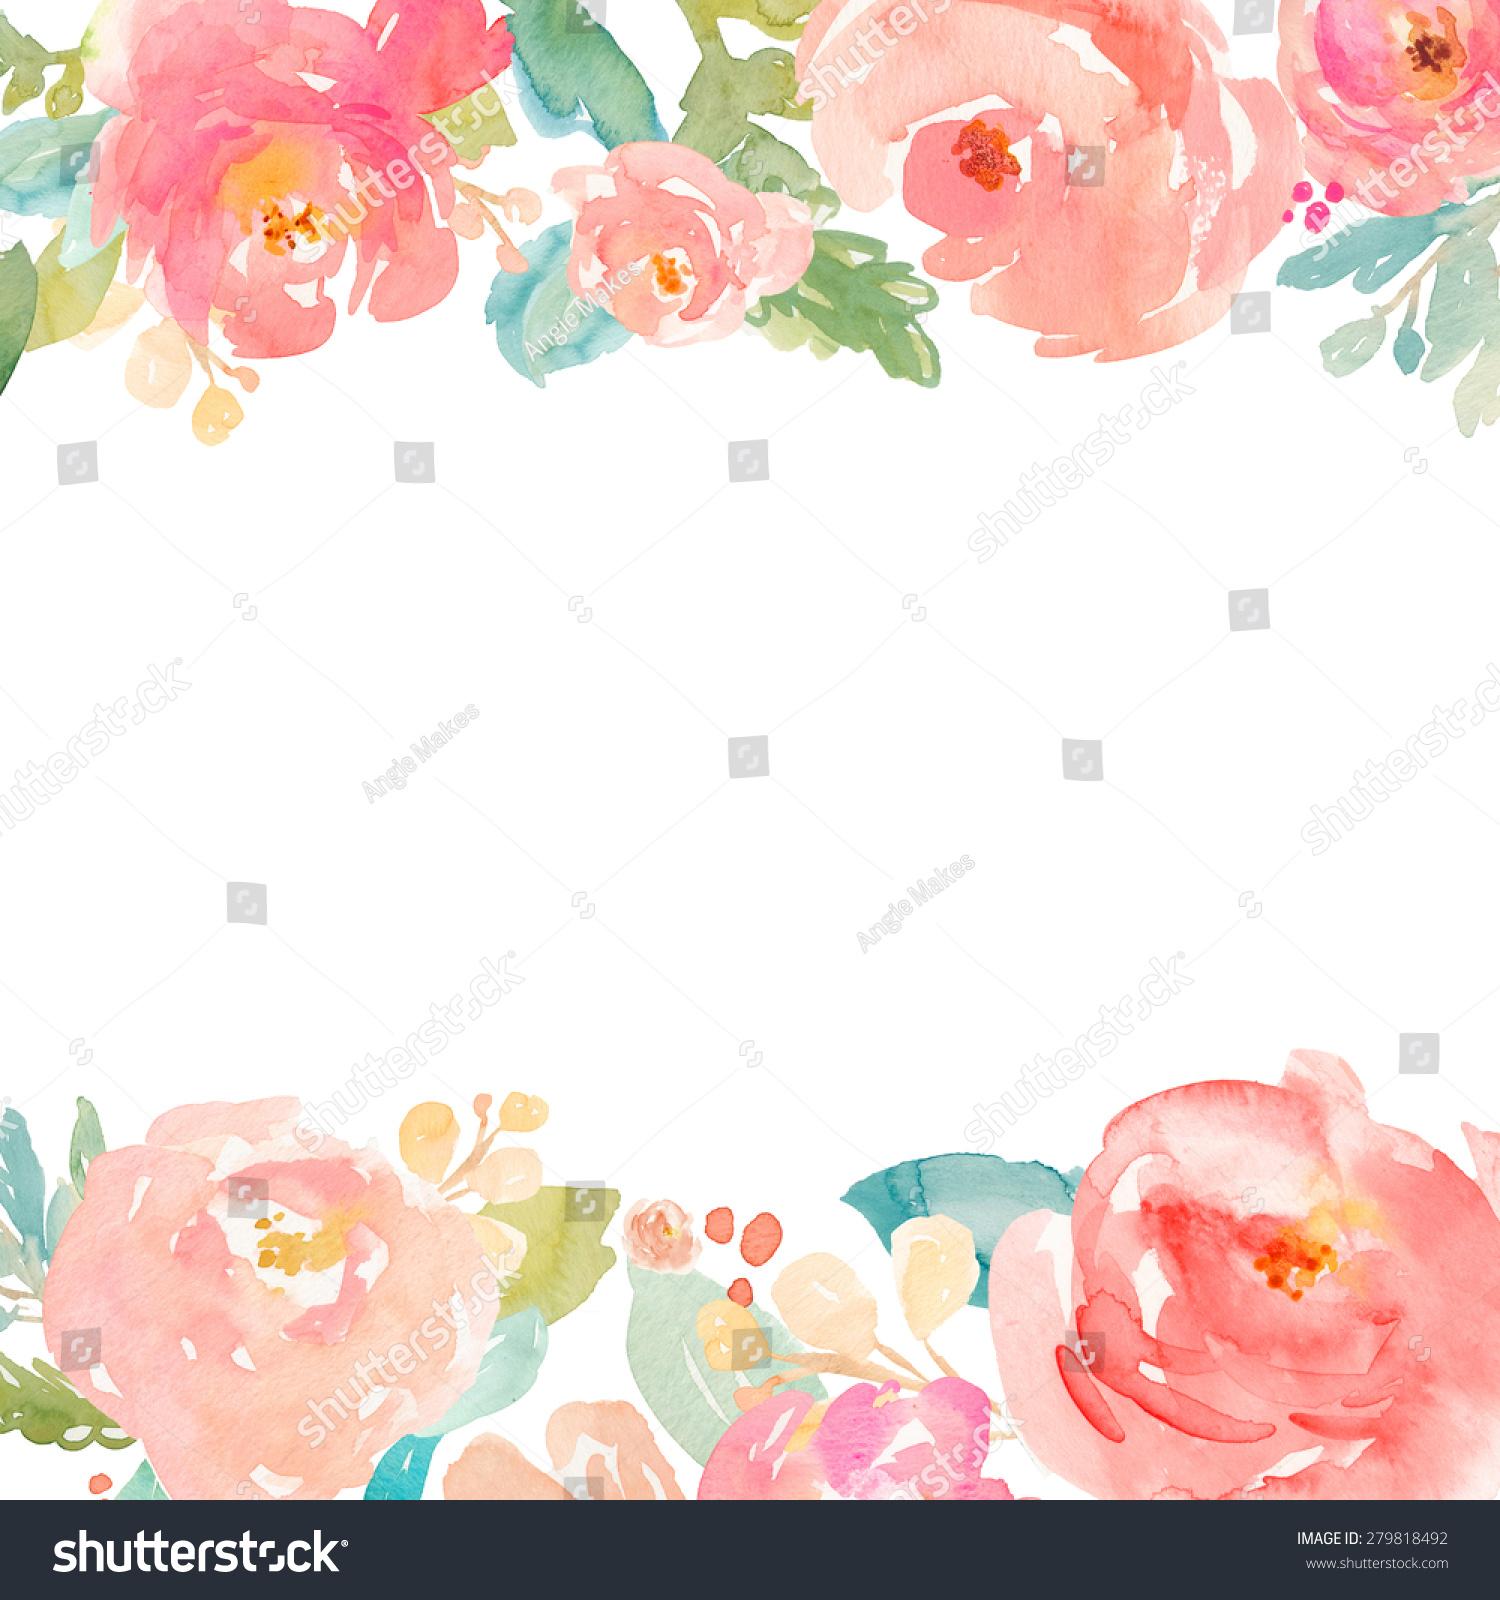 水彩畫水彩花卉牡丹畫的背景-背景/素材-海洛創意()